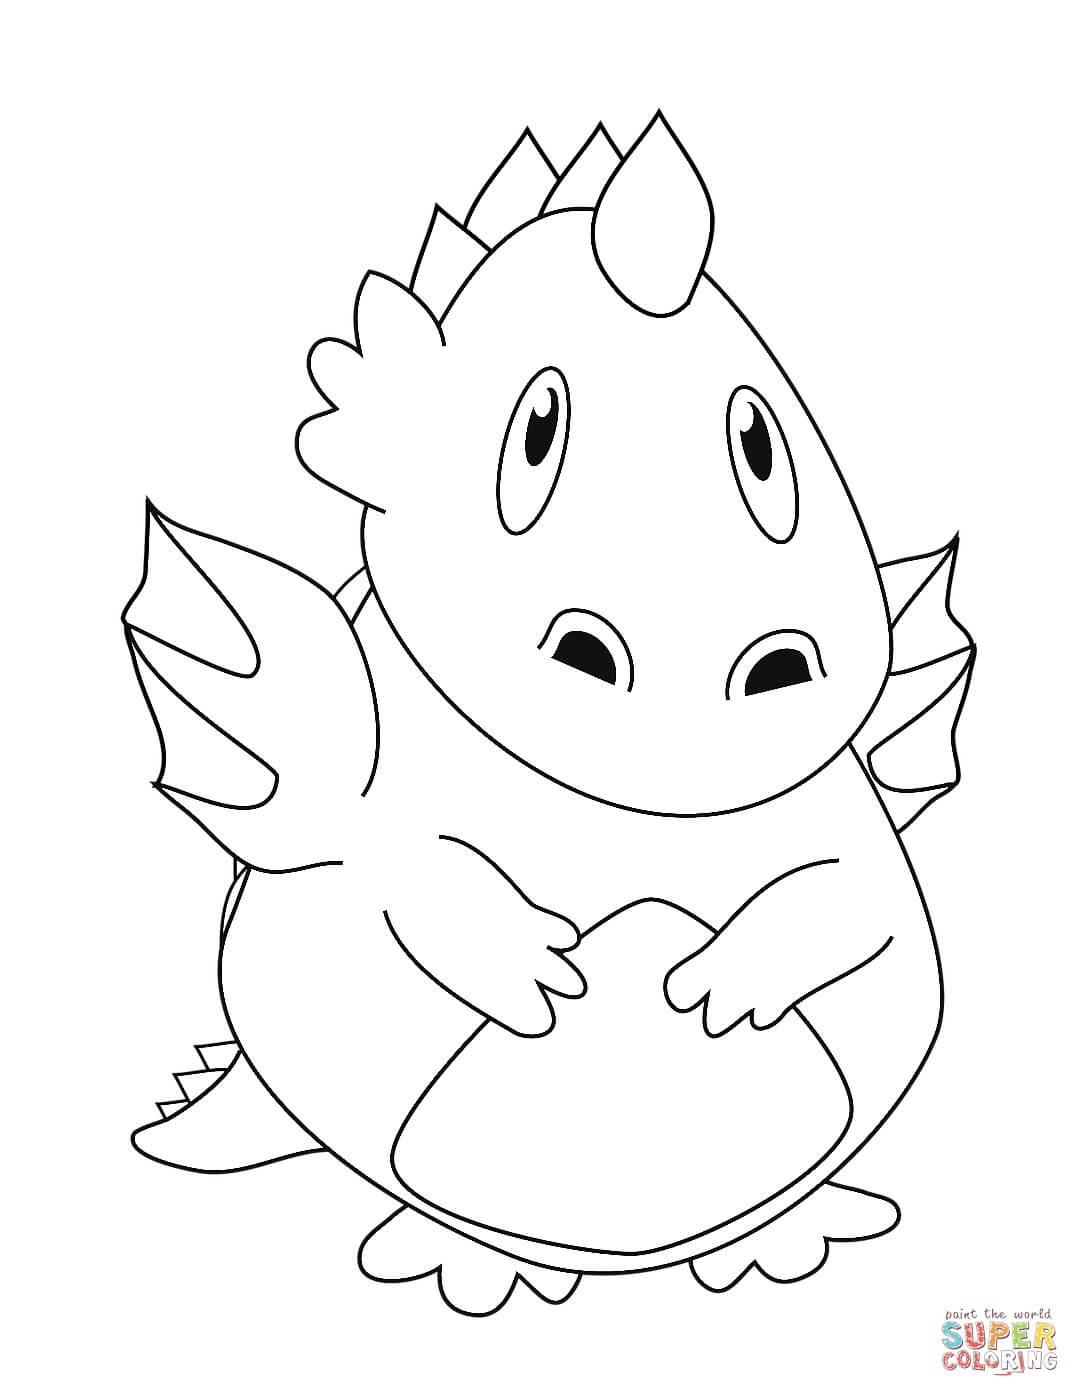 דרקון תינוק לצביעה